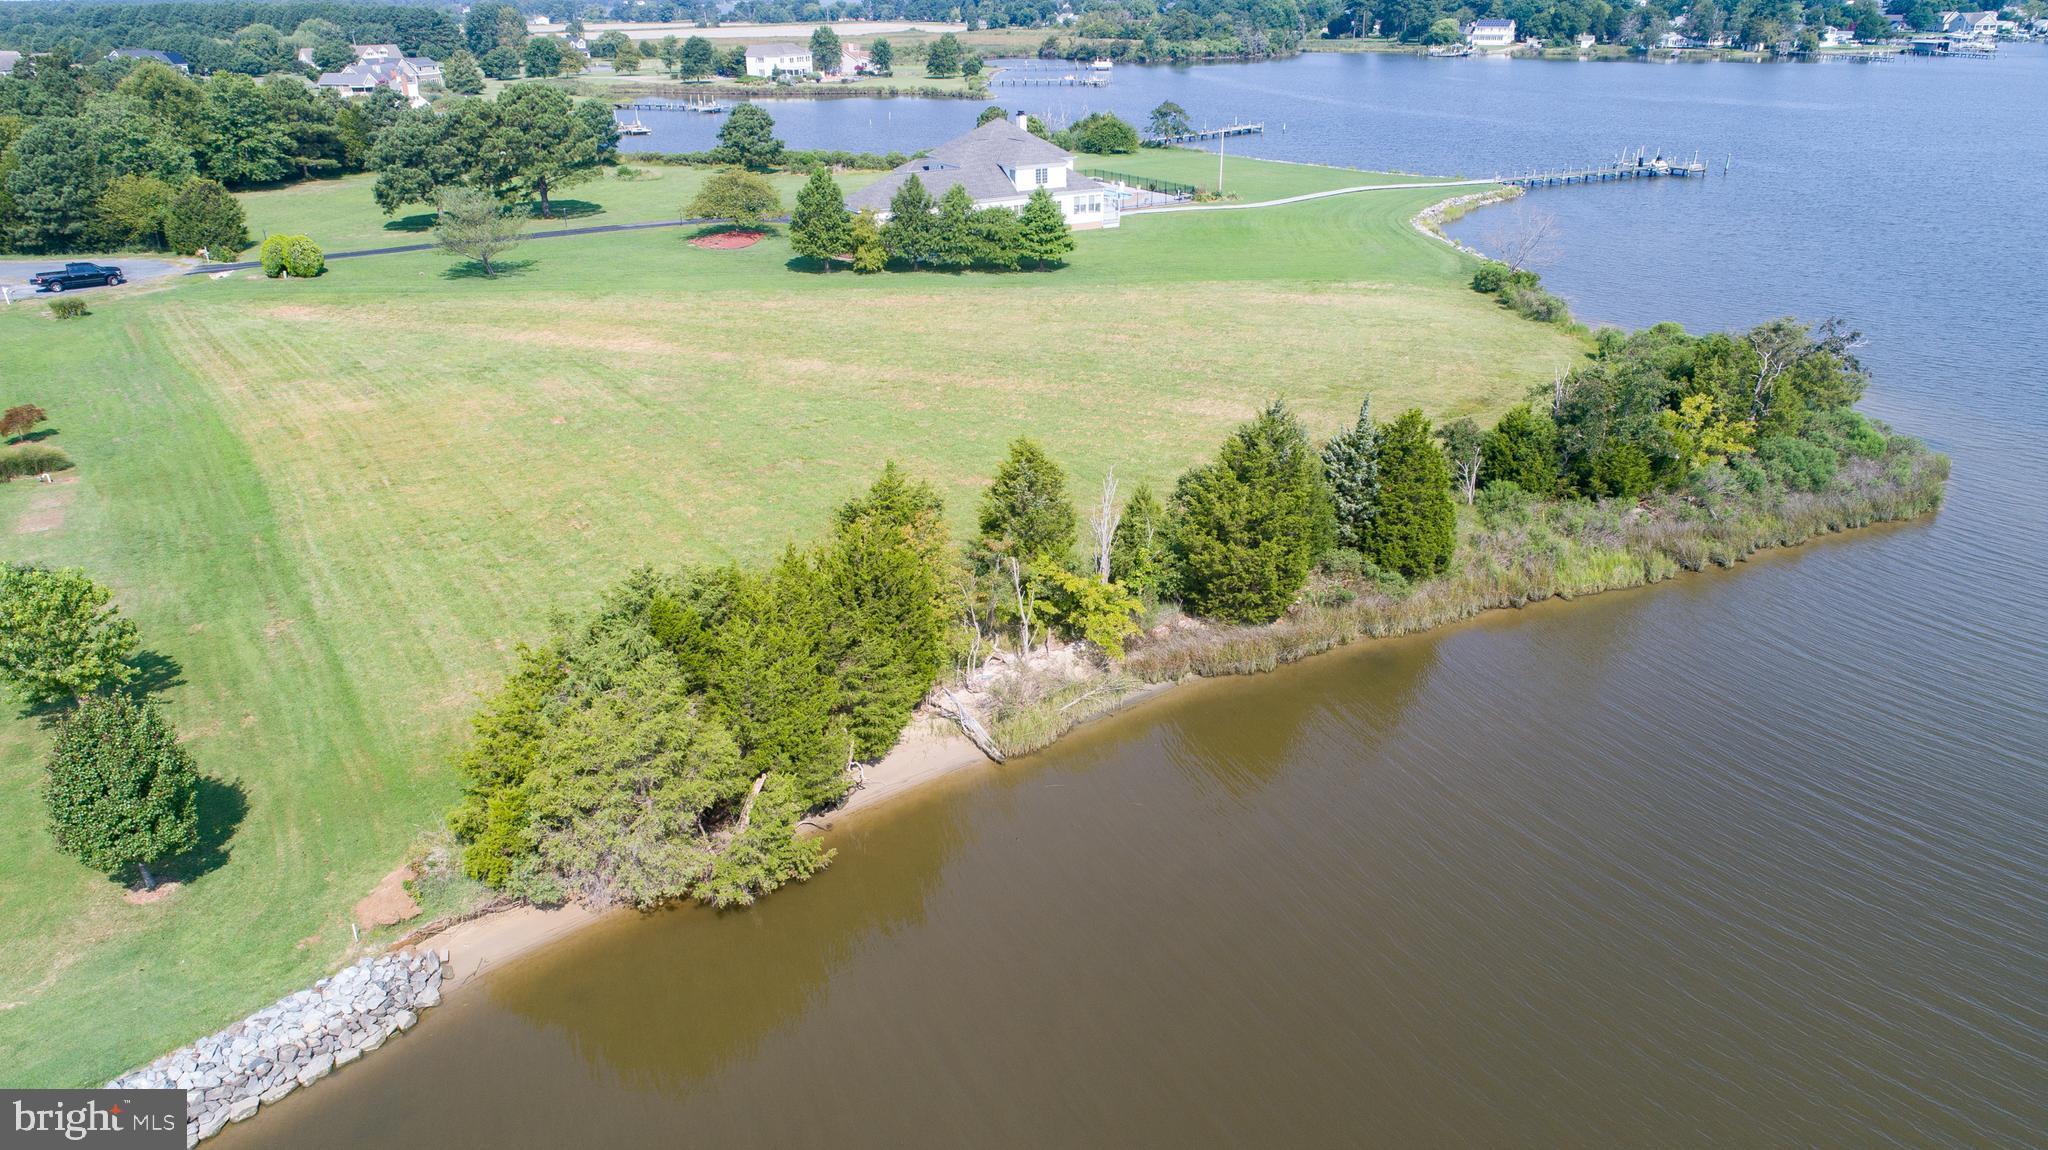 1624 DEEP WATER ROAD, WOOLFORD, MD 21677